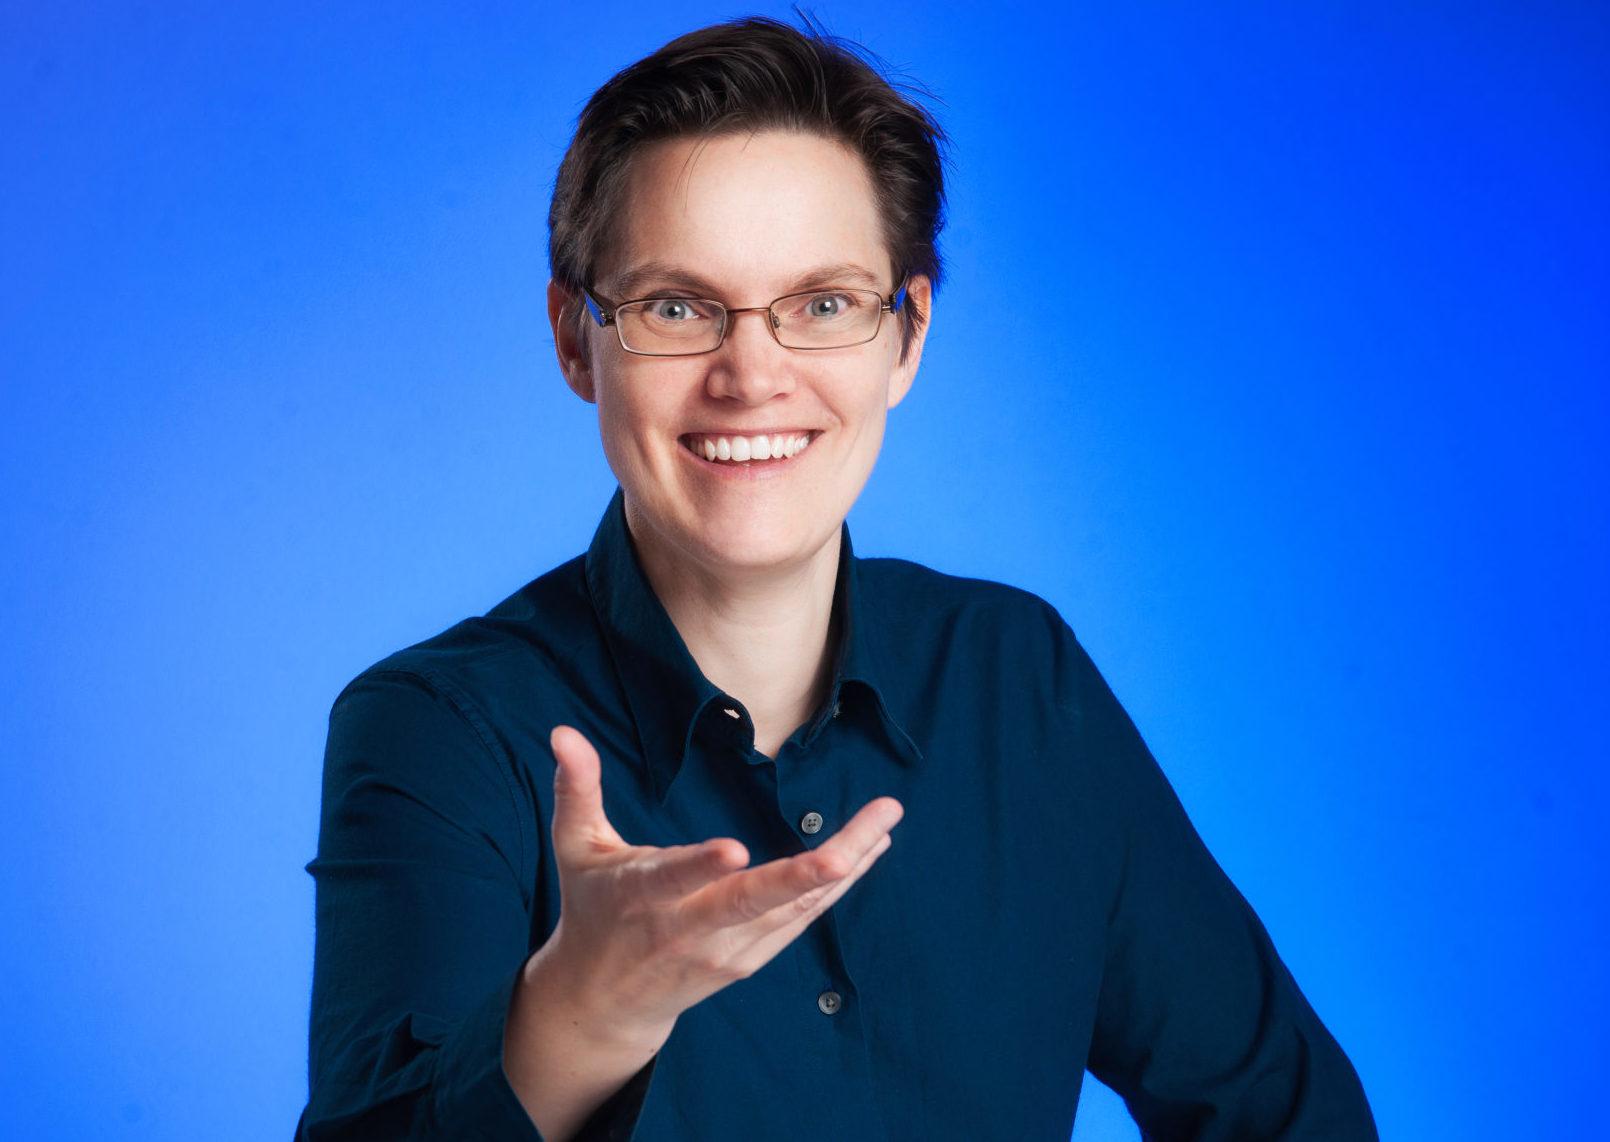 Porträtfoto von Dr. phil. Susanne Kurz, Kulturwissenschaftlerin und Hypnose-Coach, in einer Geste, die Begeisterung symbolisiert und die Aussage über Berufung im Text illustriert